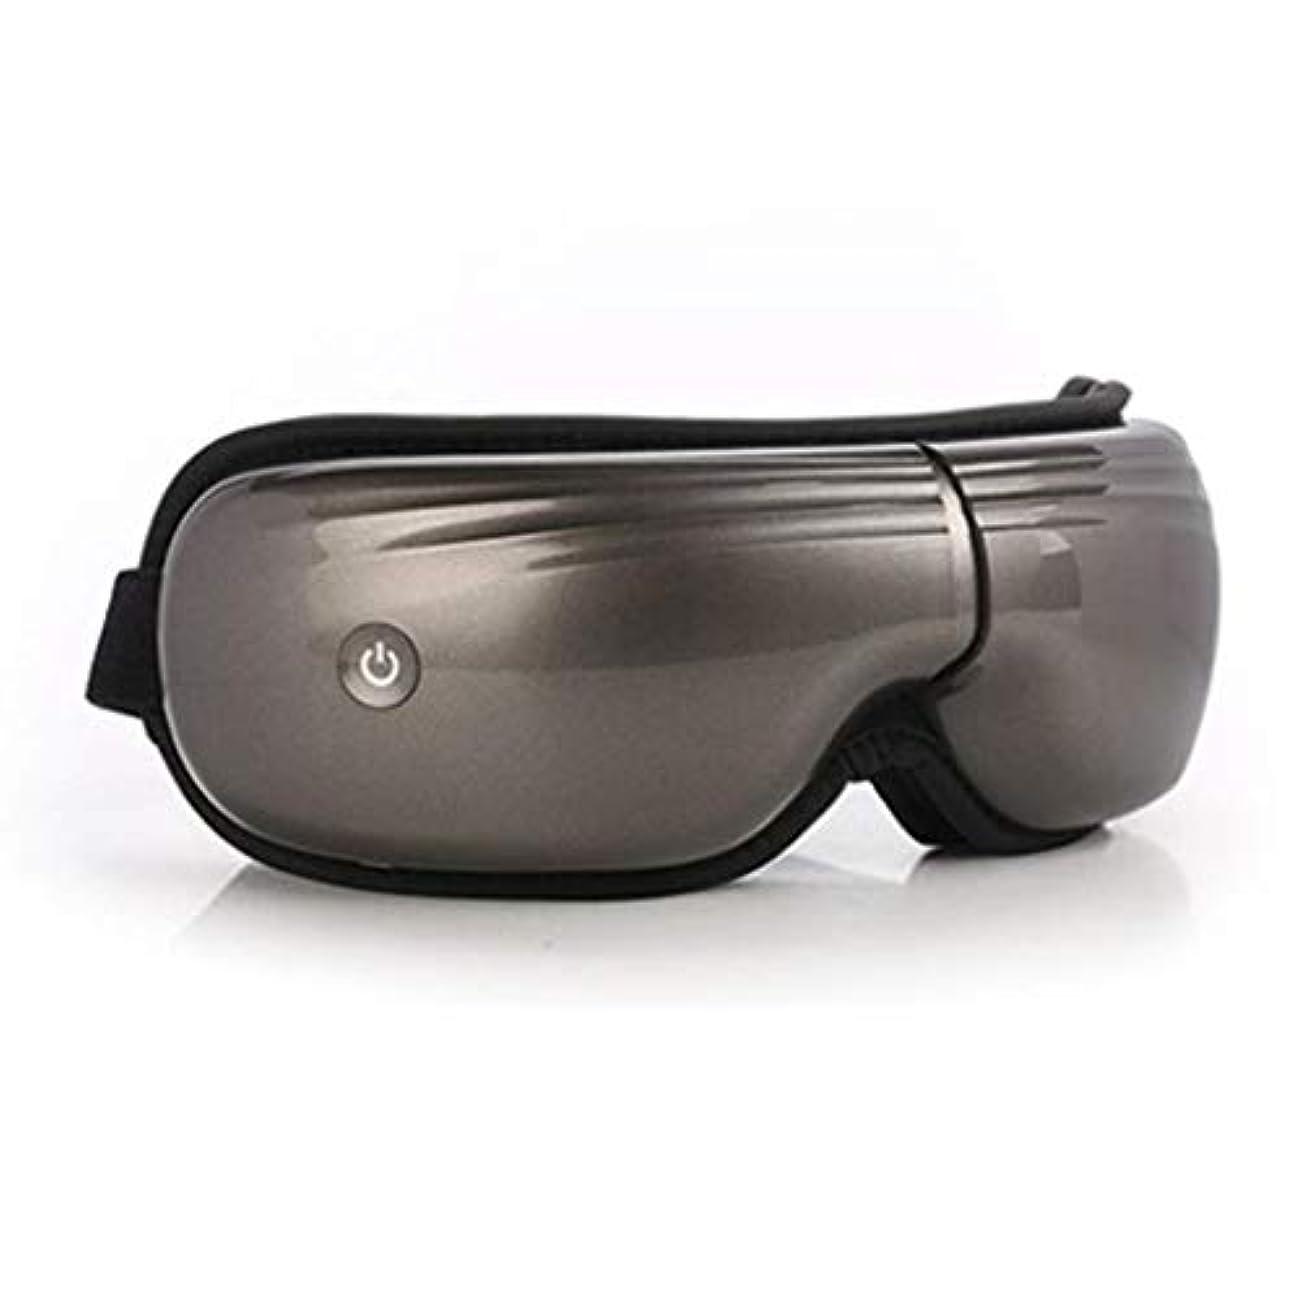 一次机小さなアイマッサージアイマスク、アイマッサージャー、USB充電式ポータブルアイツール、ホットコンプレッションおよびフォールディングホーム、ダークサークルアイバッグおよびアイ疲労の改善、いつでも、いつでも持ち運びが簡単